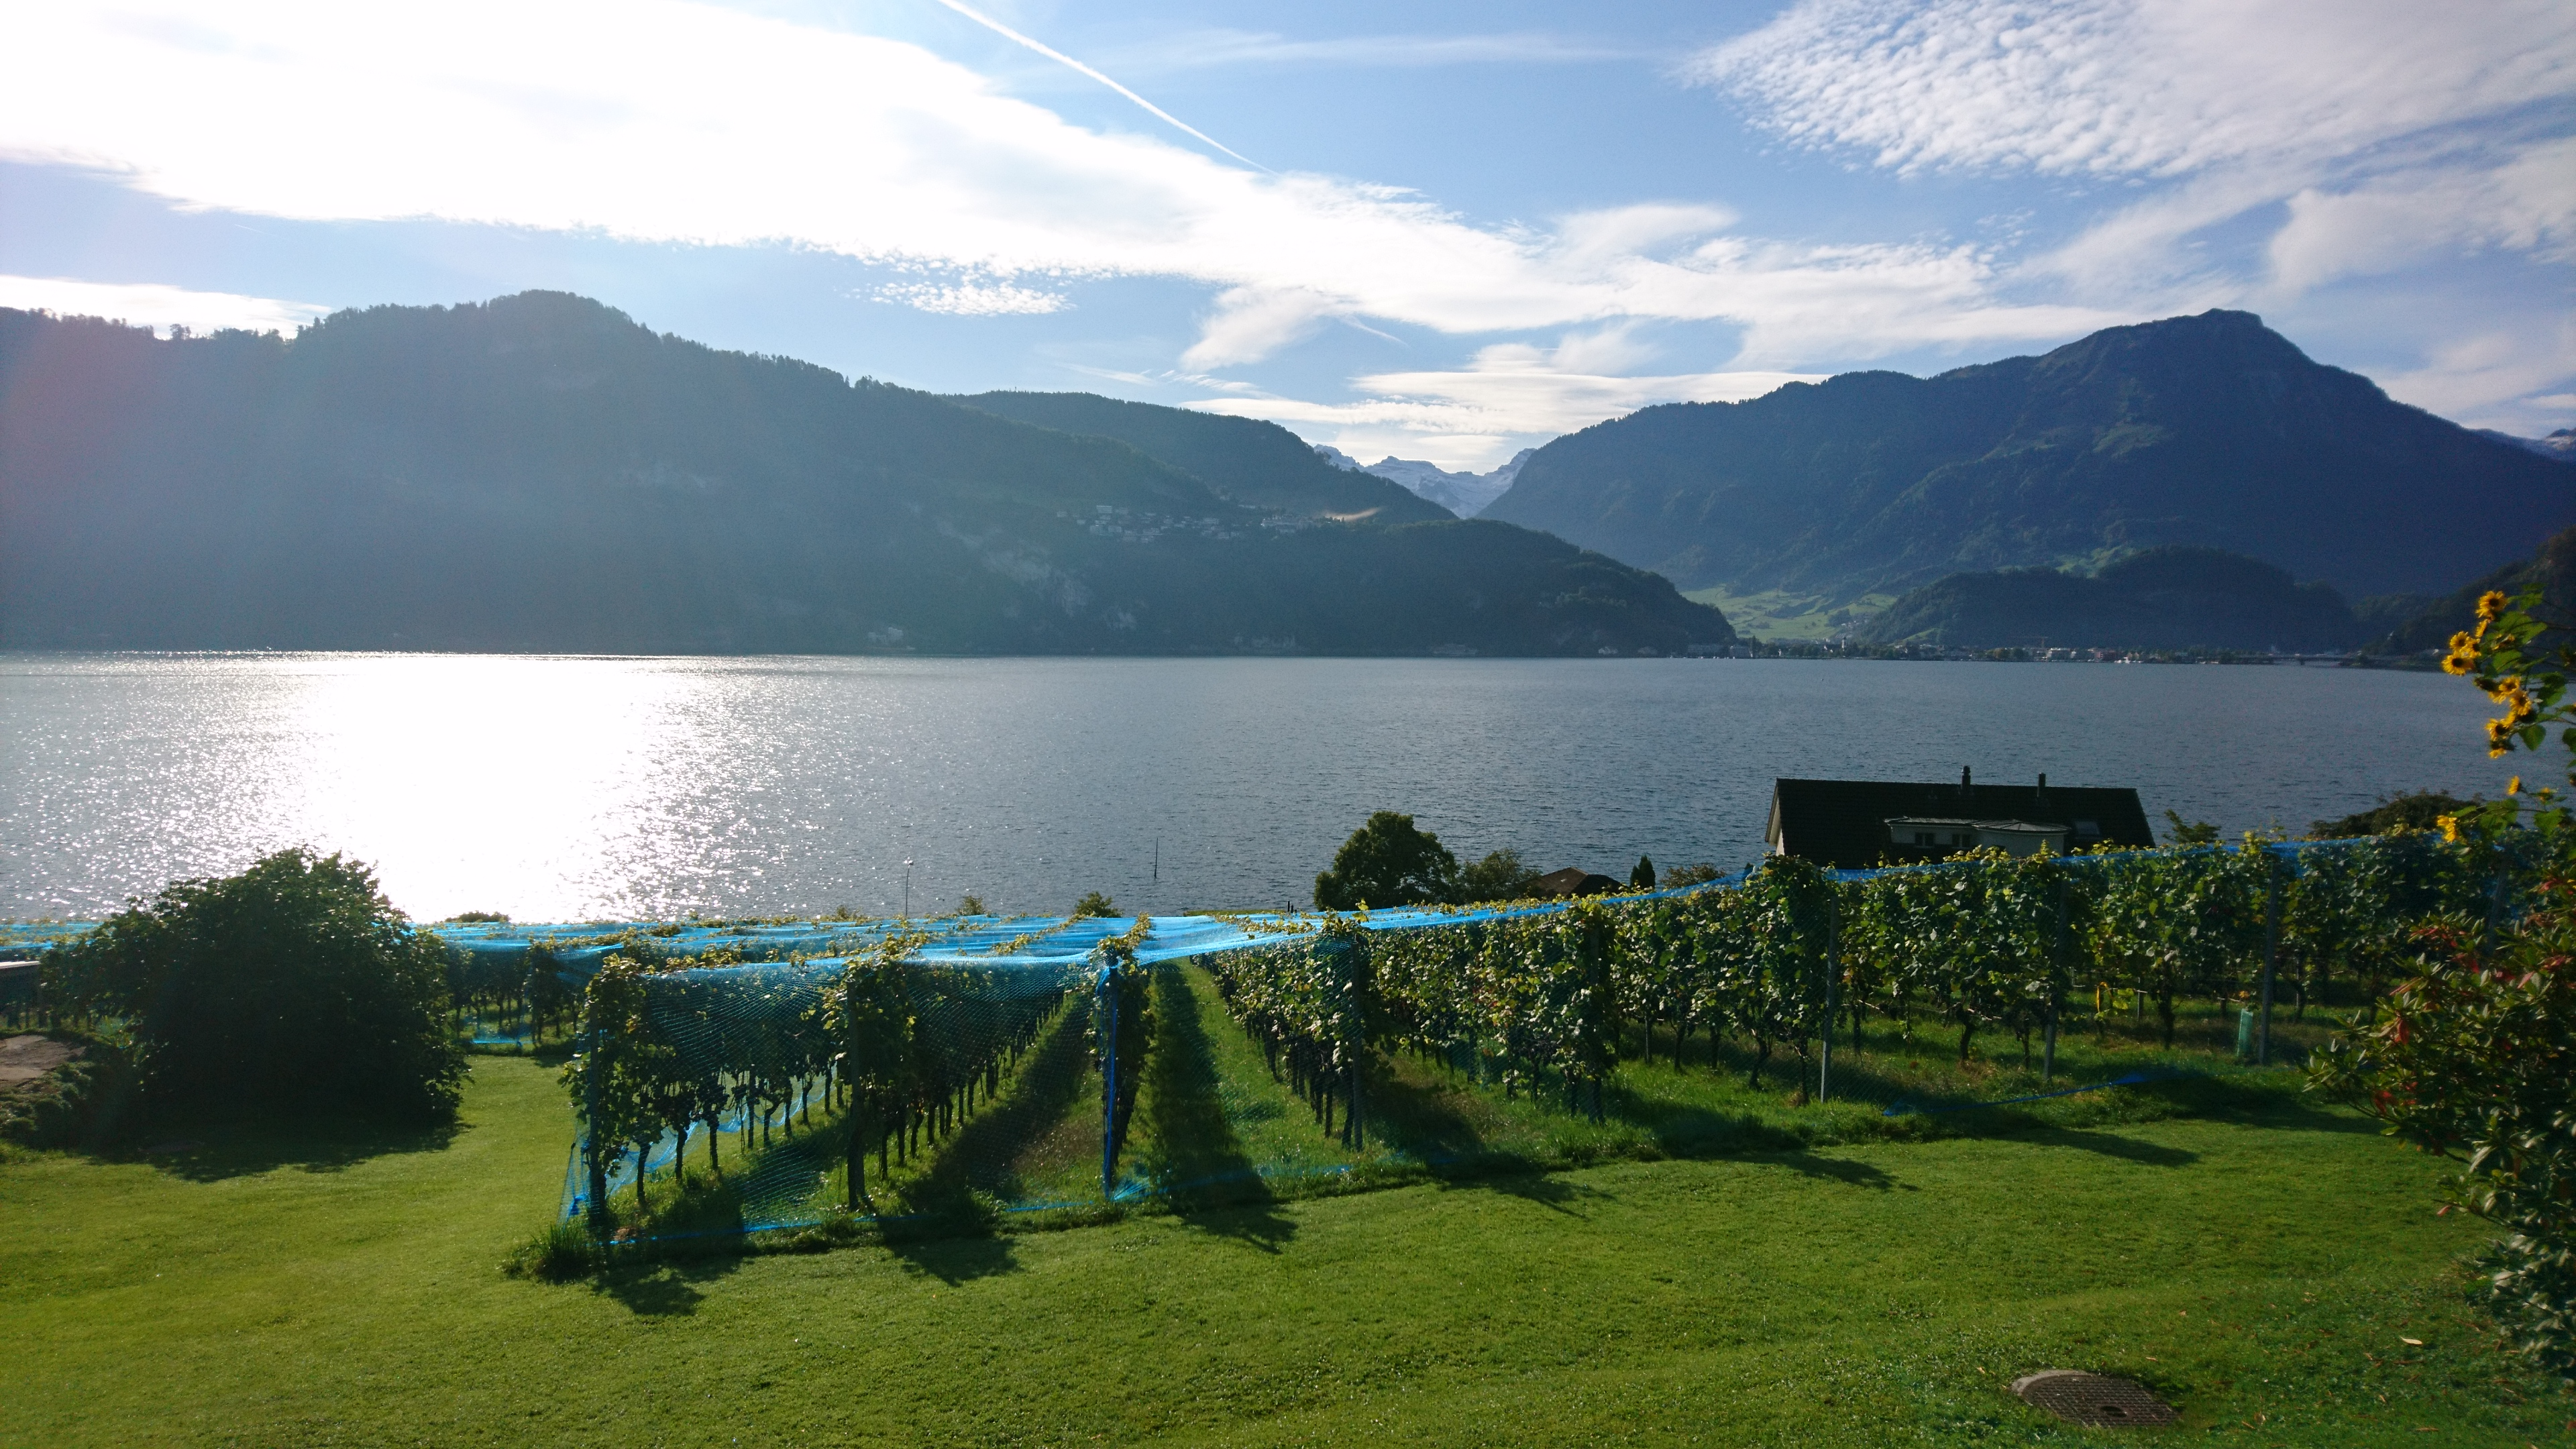 Swisswine Schweizer Weine Deutschschweiz Luzern (weinbauottiger.ch)